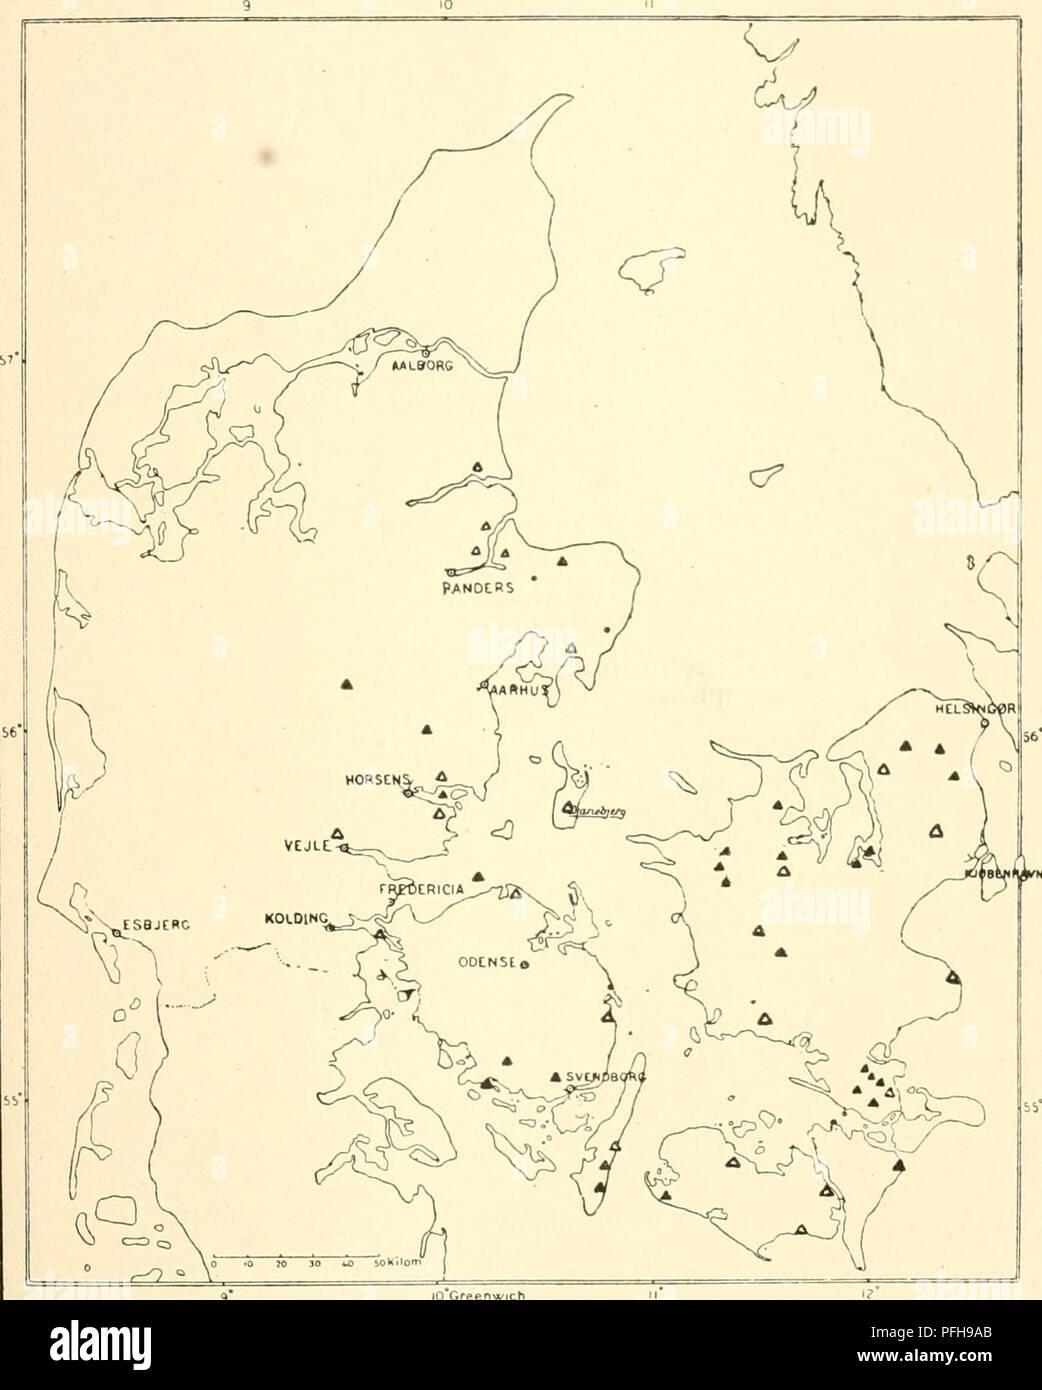 Dansk Ornithologisk Forenings Tidsskrift Birds Birds Kort Til